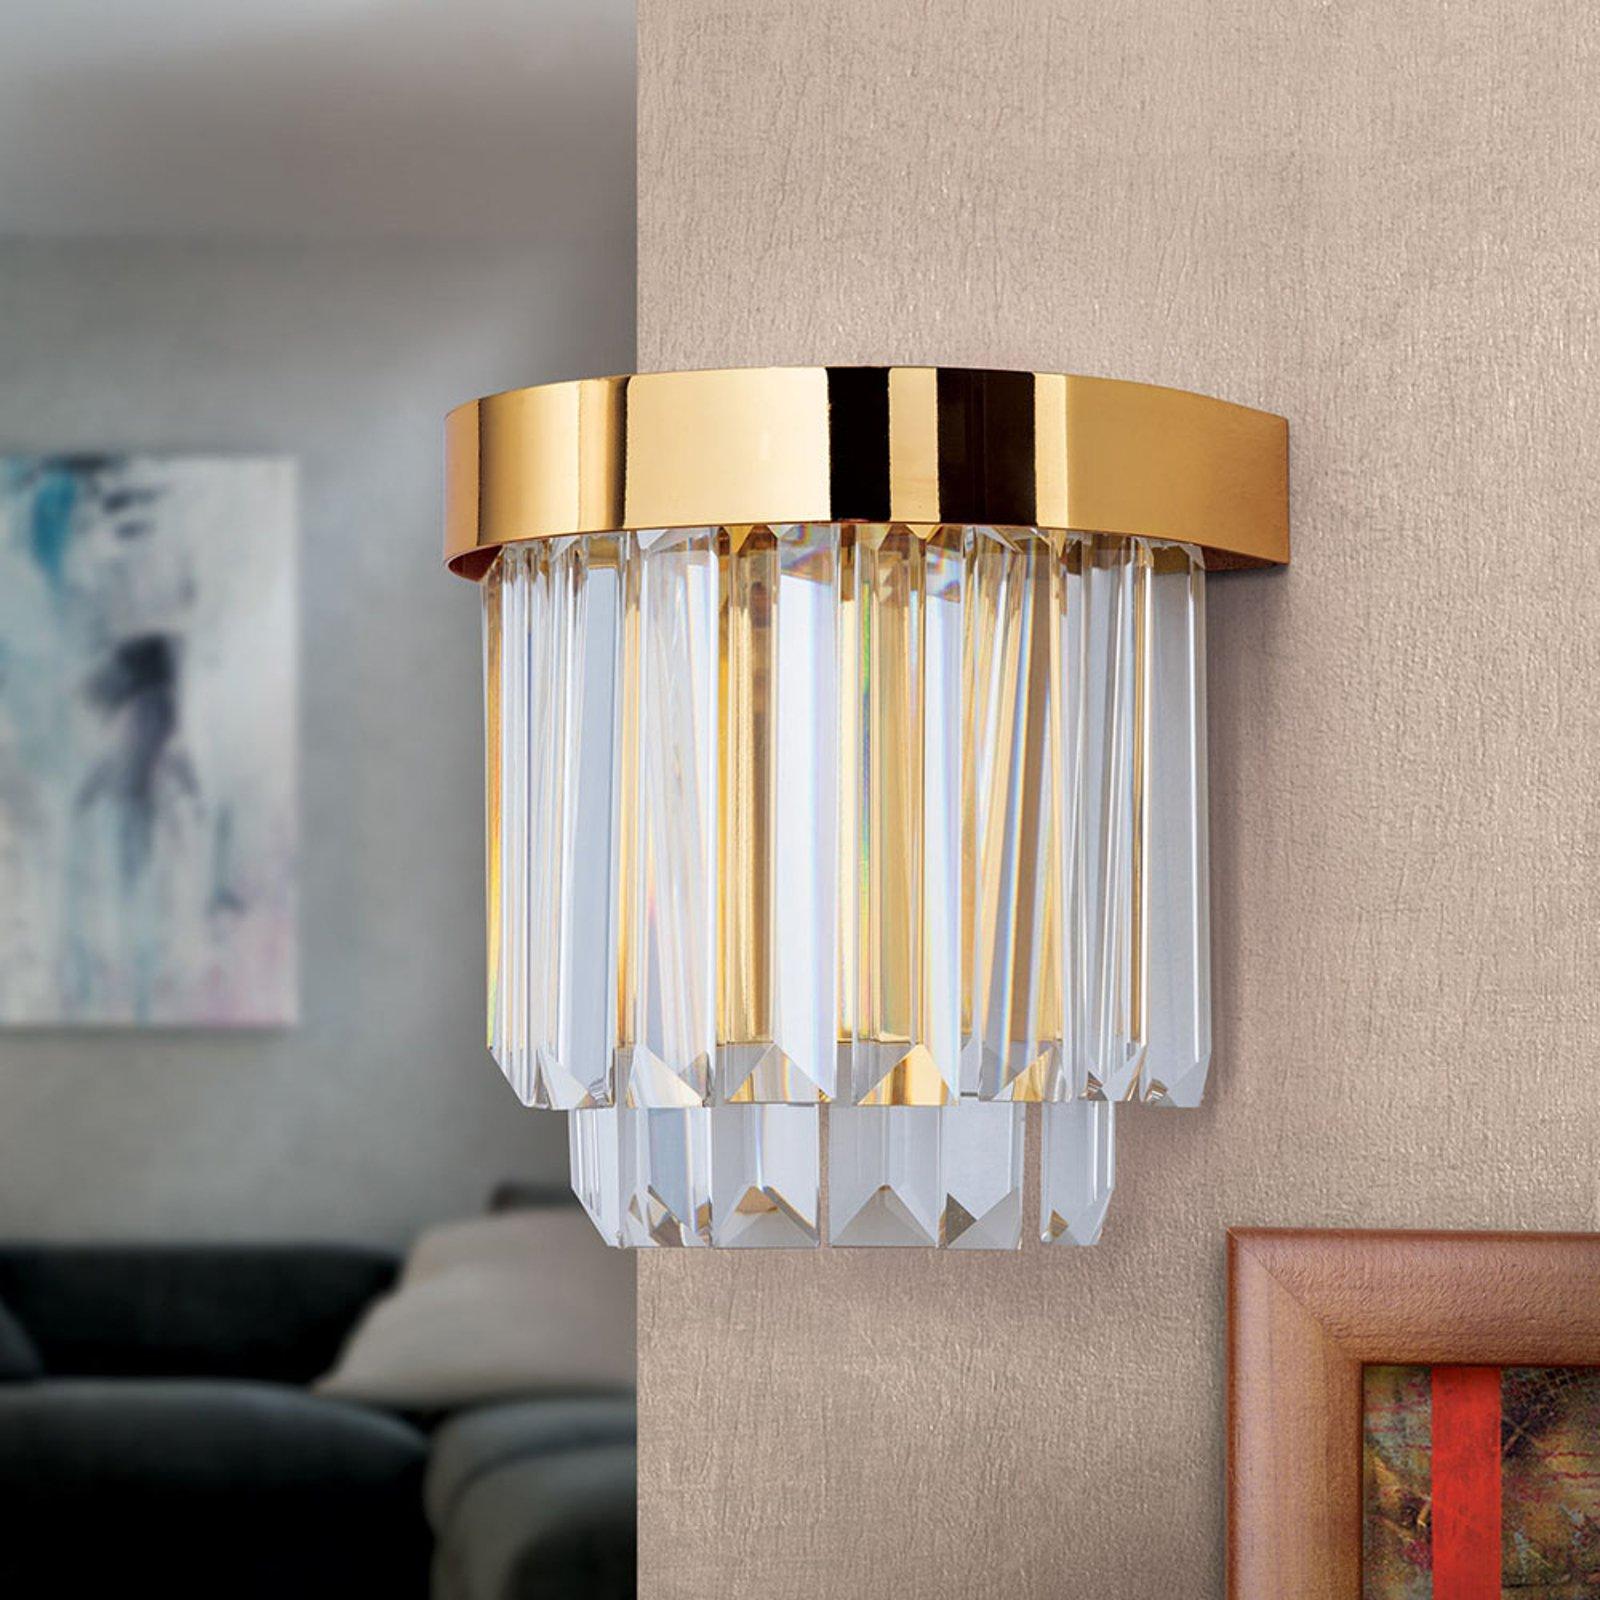 LED-vegglampe Prisme med up- & downlight, gull